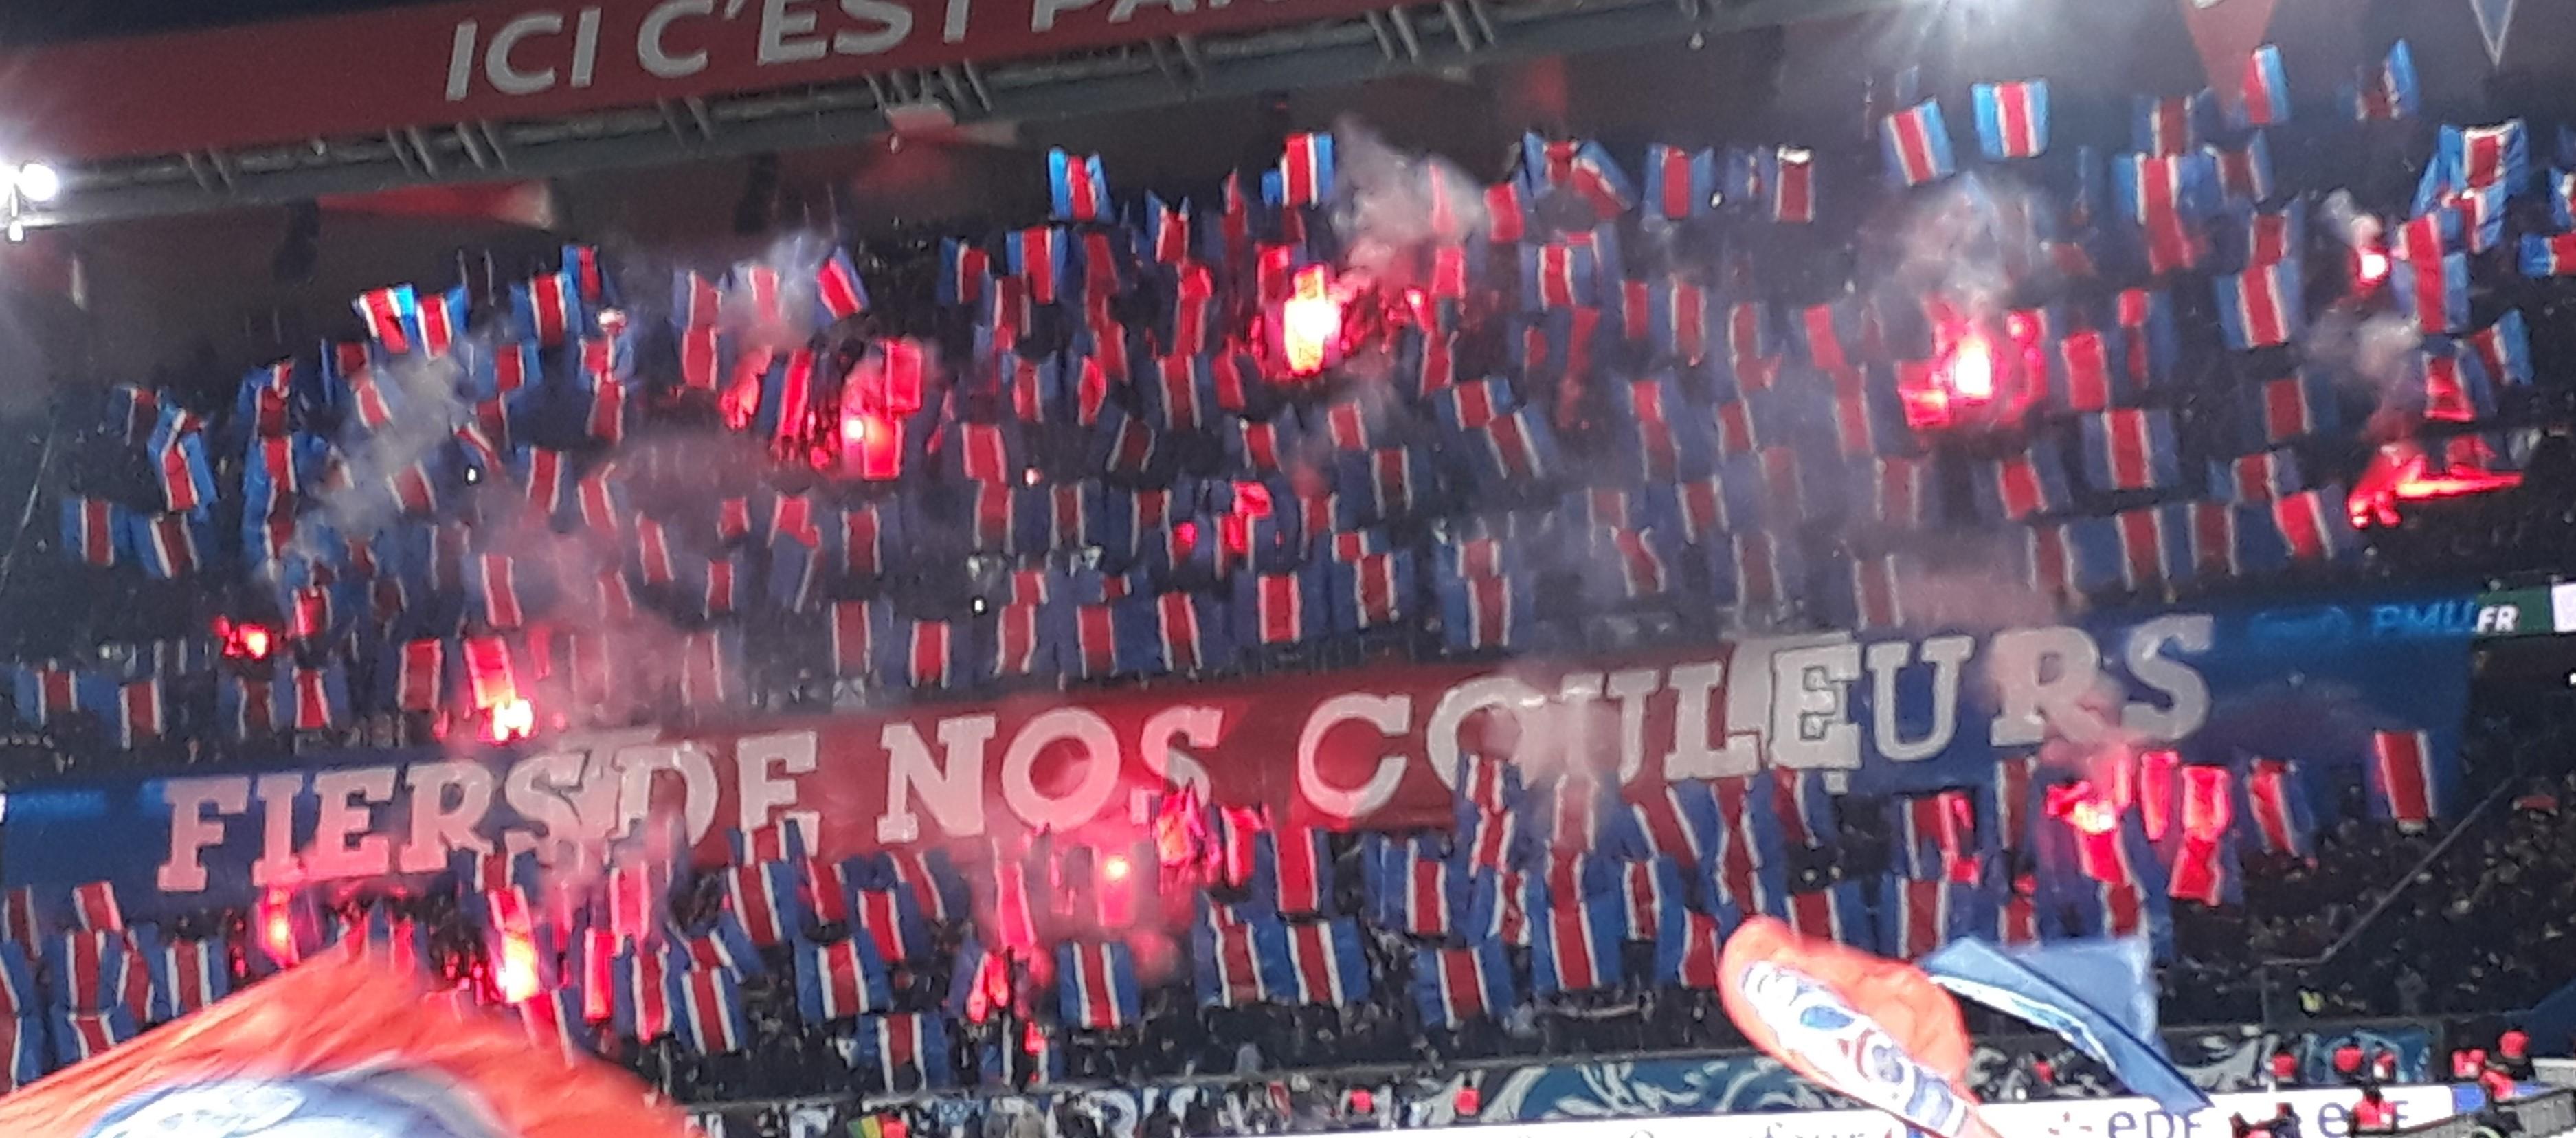 PSG/Real Madrid - Une partie du Collectif Ultras Paris installée en Tribune Boulogne, annonce L'Equipe